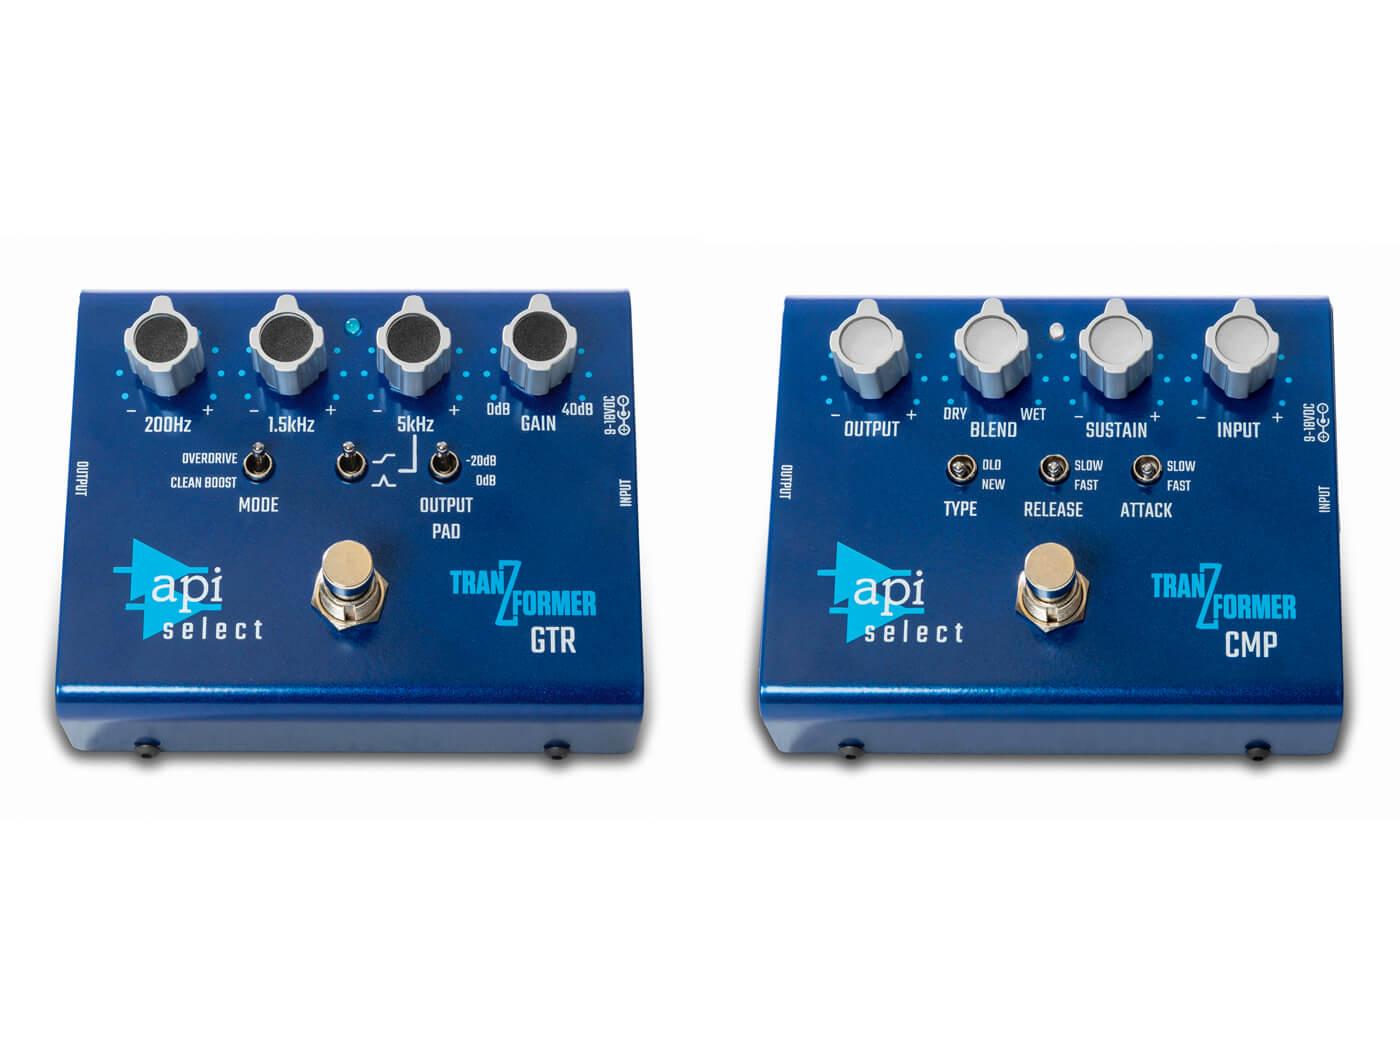 API Select TranZformer pedals